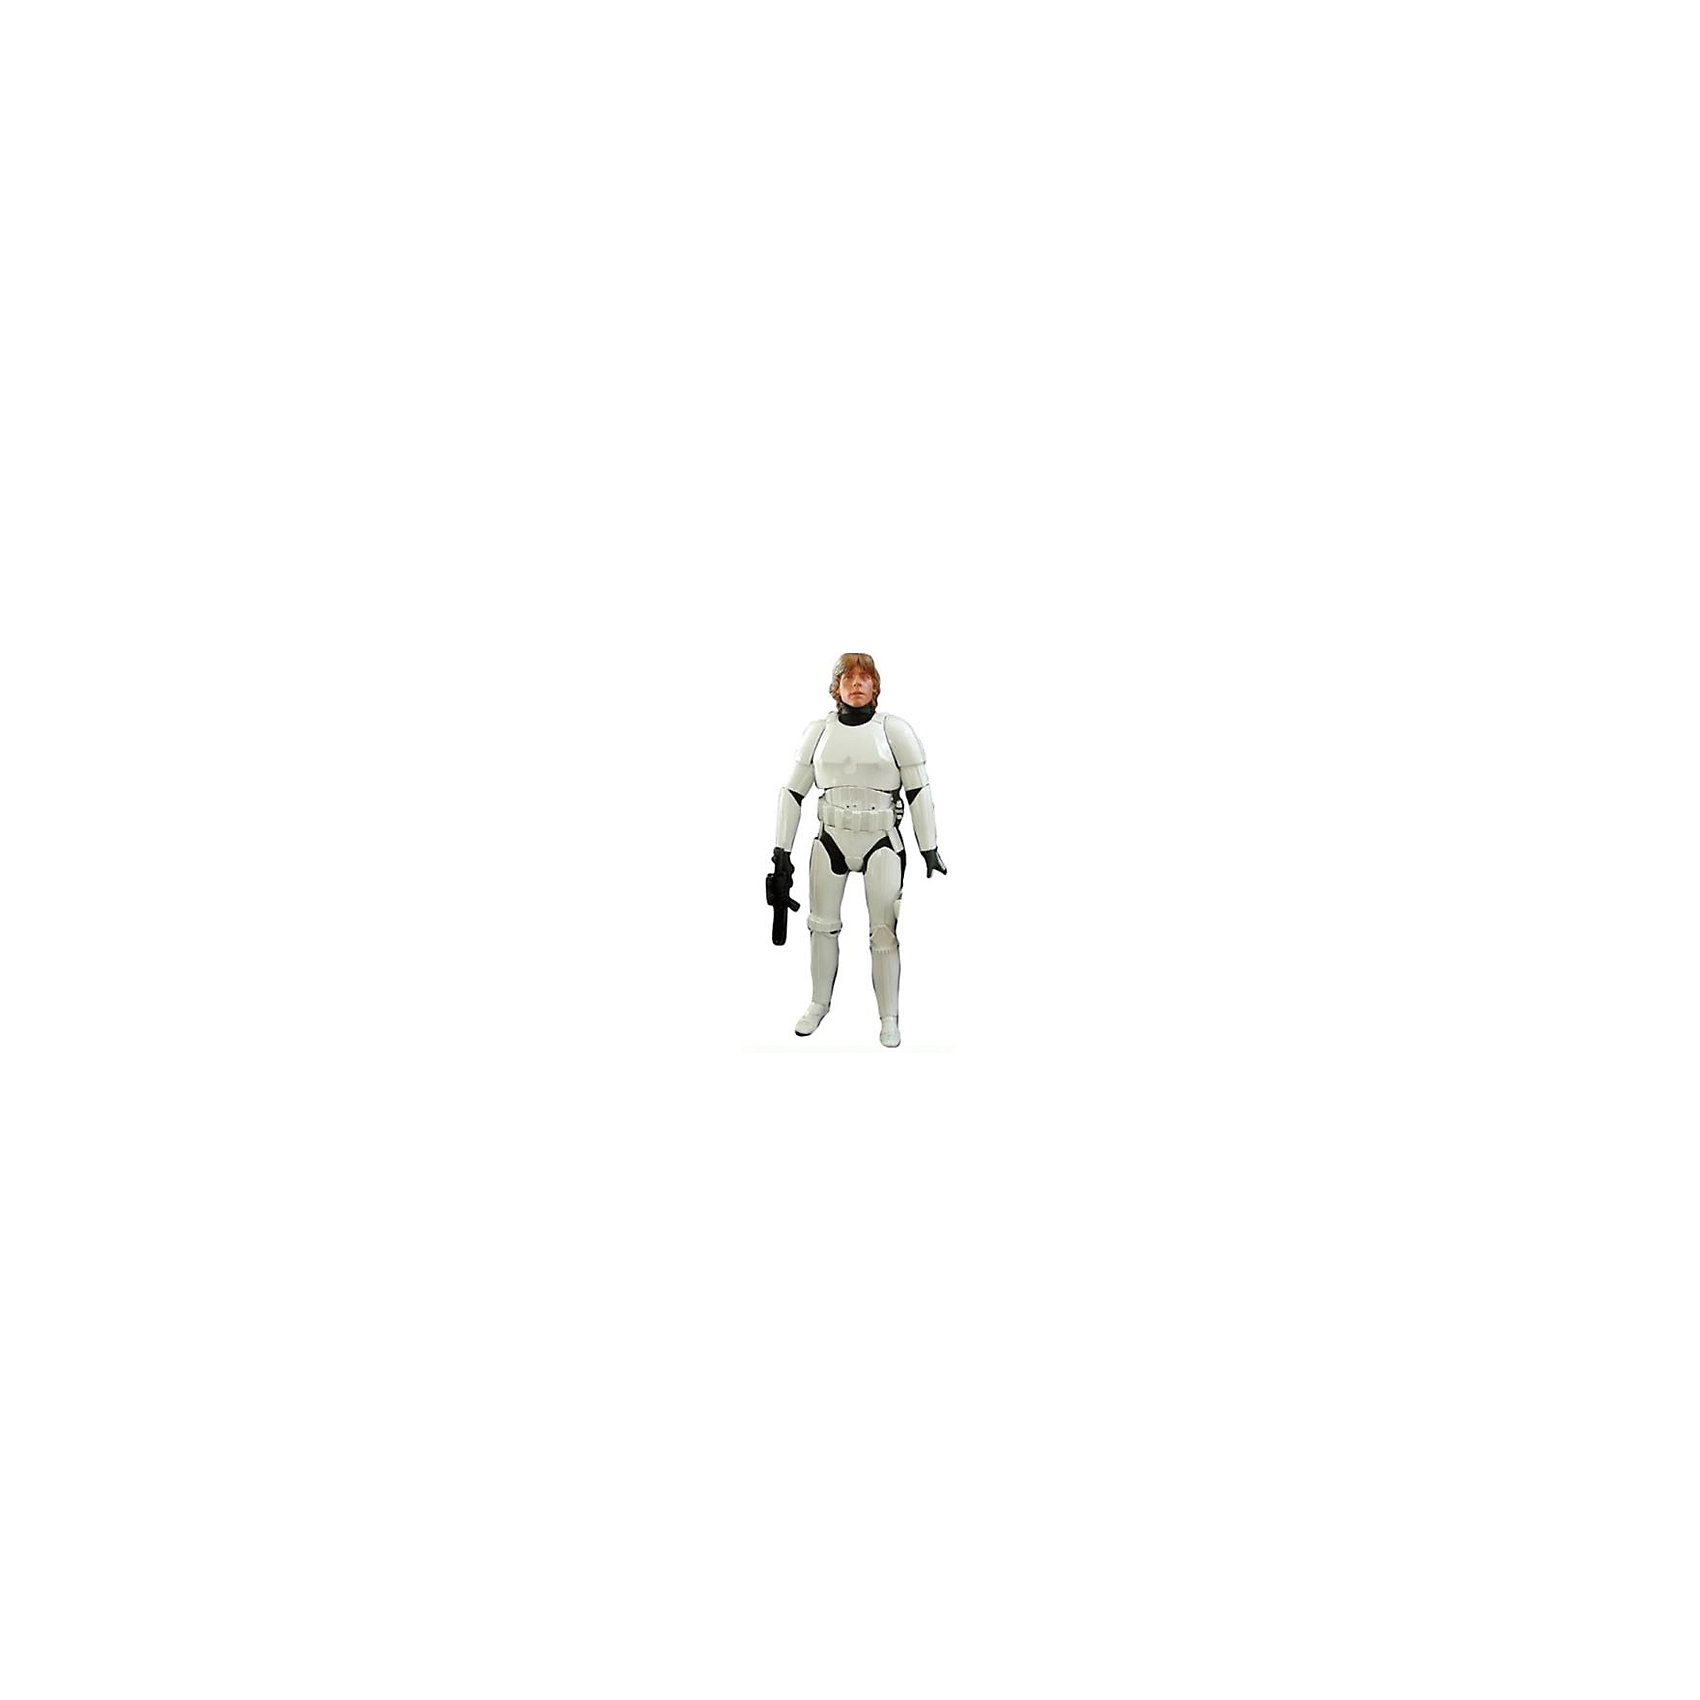 Фигура Скайуокер в броне штурмовика, 79 см, Звездные Войны, Big FiguresЛюбимые герои<br>Скайвокер в броне штурмовика из серии Big Figures – главный герой и ключевая фигура киносаги Джорджа Лукаса «Звездные Войны (Star Wars)». В течение всей киноэпопеи можно наблюдать становление персонажа в качестве проводника Силы, переход его на сторону Темной стороны Силы и его искупление в конце. После перехода на сторону Темной Силы принял имя Дарта Вайдера, чья фигура также присутствует в коллекции Big Figures в разном исполнении. <br><br>Обратите внимание, что рост игрушки составляет практически 80 см, что ограничивает минимальный возраст игры с ней. Хан Соло может поворачивать голову, двигать руками и ногами, что позволяет принимать различные позы во время игры. Сама фигура сделана из высокопрочного пластика и покрыта безопасными для детей красками. В виде аксессуара к фигурке прилагается оружие, которое, при желании, можно вынимать и вкладывать в кисть куклы.<br><br>Дополнительная информация:<br><br>В набор входит:<br>Большая фигура Скайвокер высотой 79 см<br>Оружие<br><br>Фигуру Скайуокер в броне штурмовика, 79 см, Звездные Войны (Star Wars), Big Figures можно купить в нашем магазине.<br><br>Ширина мм: 330<br>Глубина мм: 800<br>Высота мм: 155<br>Вес г: 1760<br>Возраст от месяцев: 36<br>Возраст до месяцев: 1188<br>Пол: Мужской<br>Возраст: Детский<br>SKU: 4135959